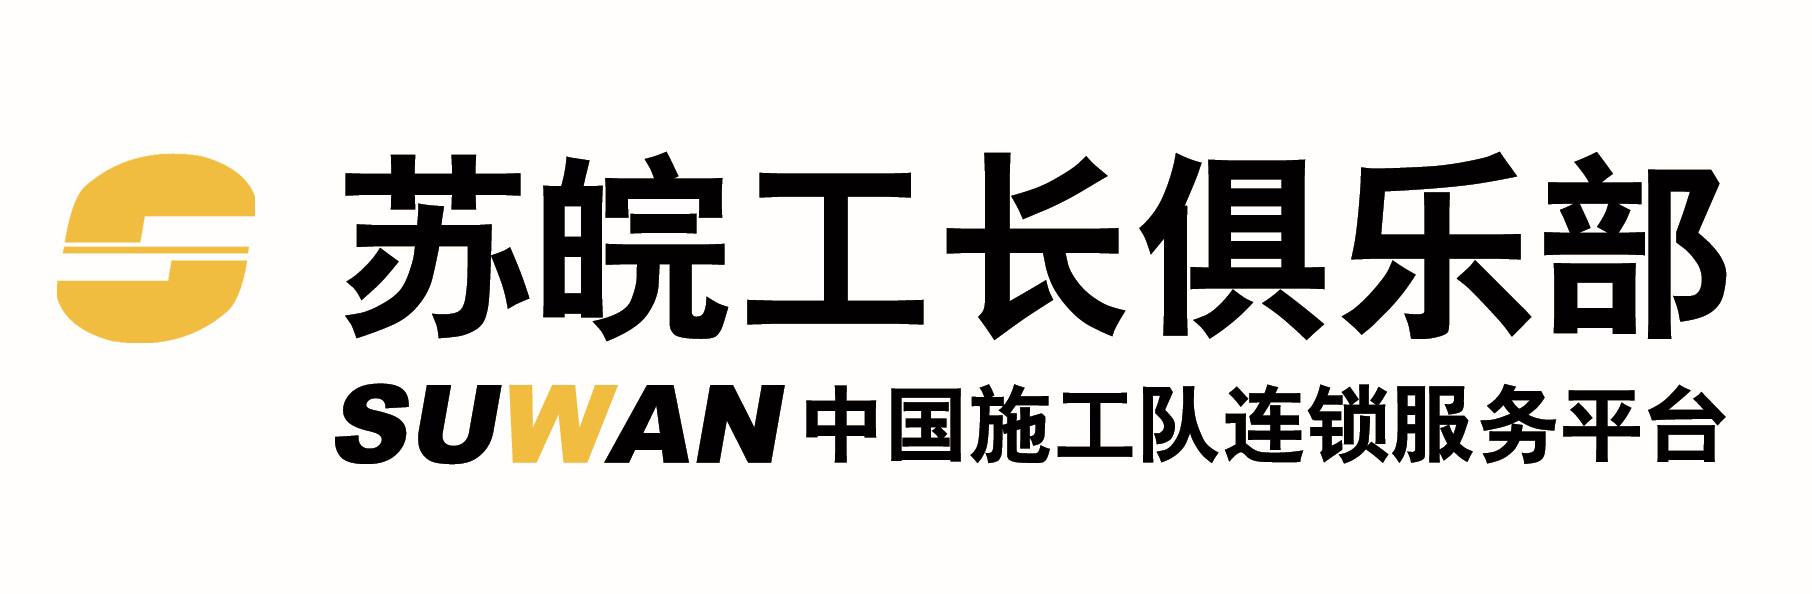 济宁苏皖工长俱乐部装饰